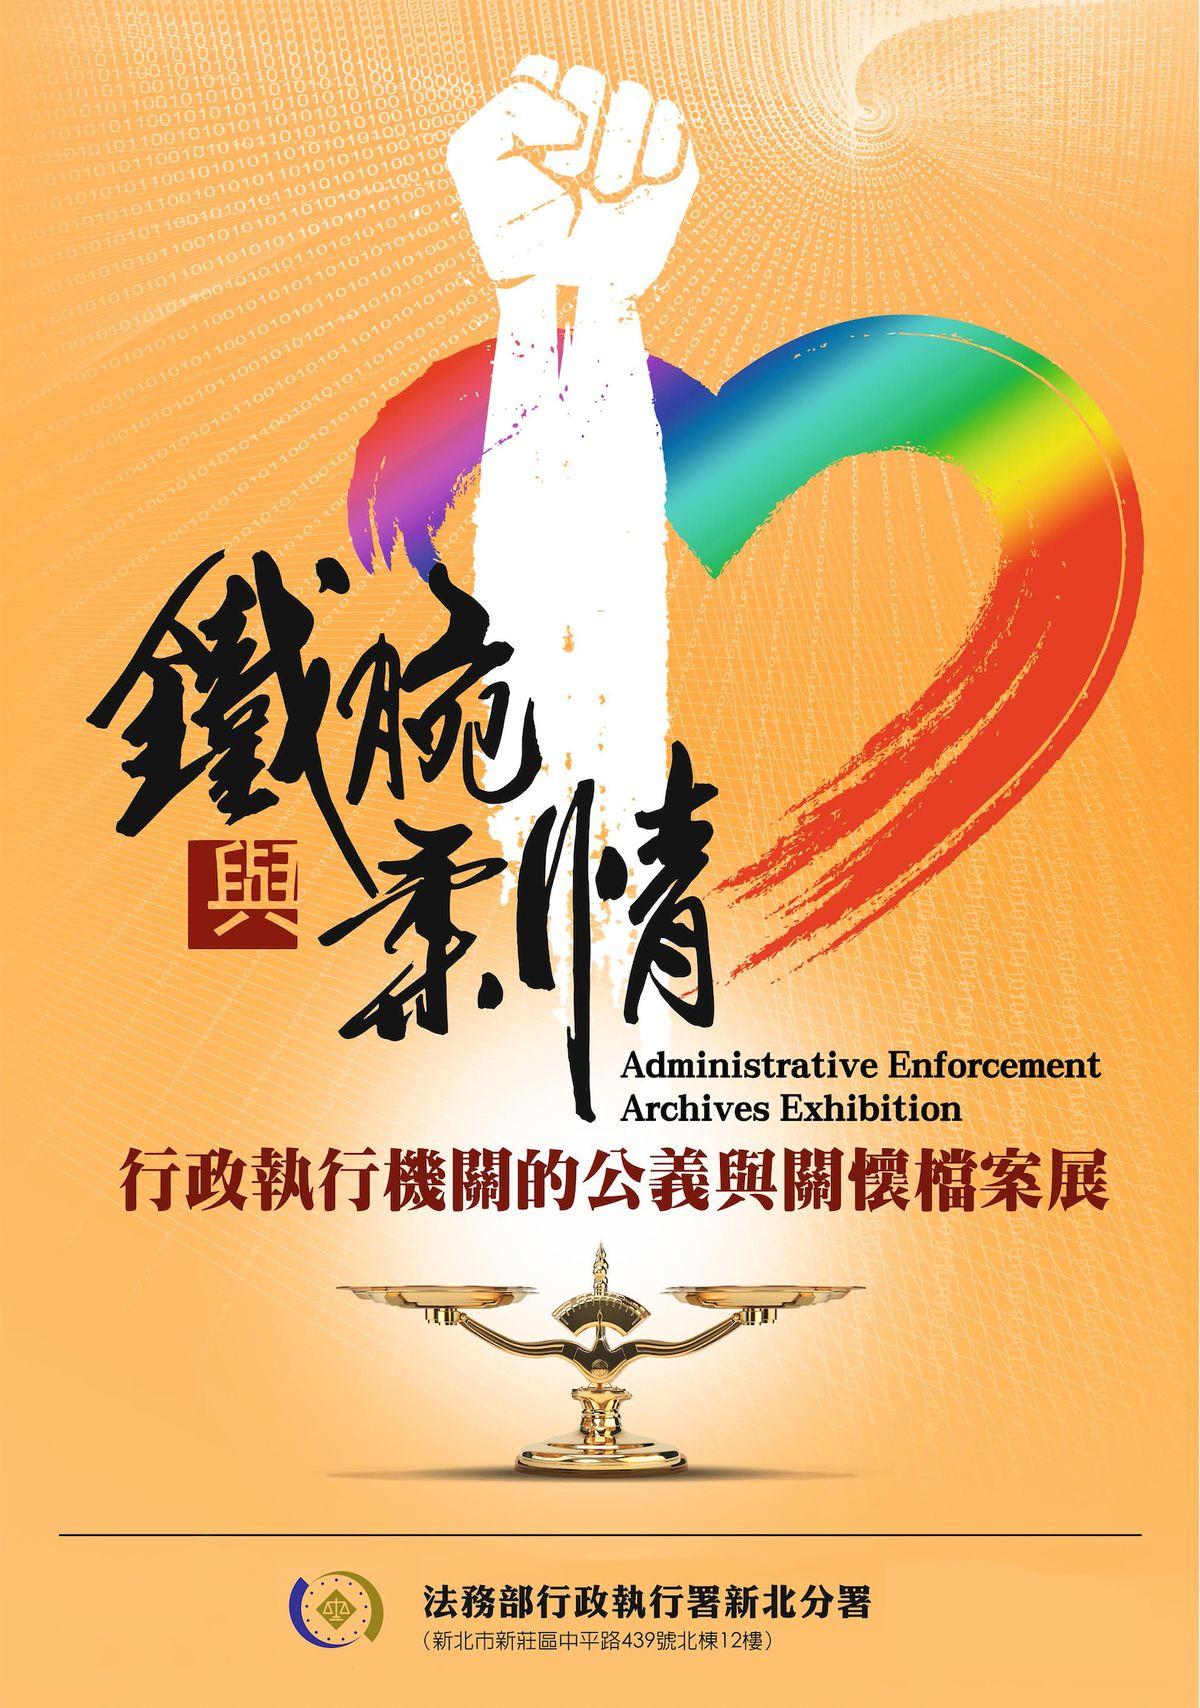 「鐵腕與柔情—行政執行機關的公義與關懷」檔案常設展